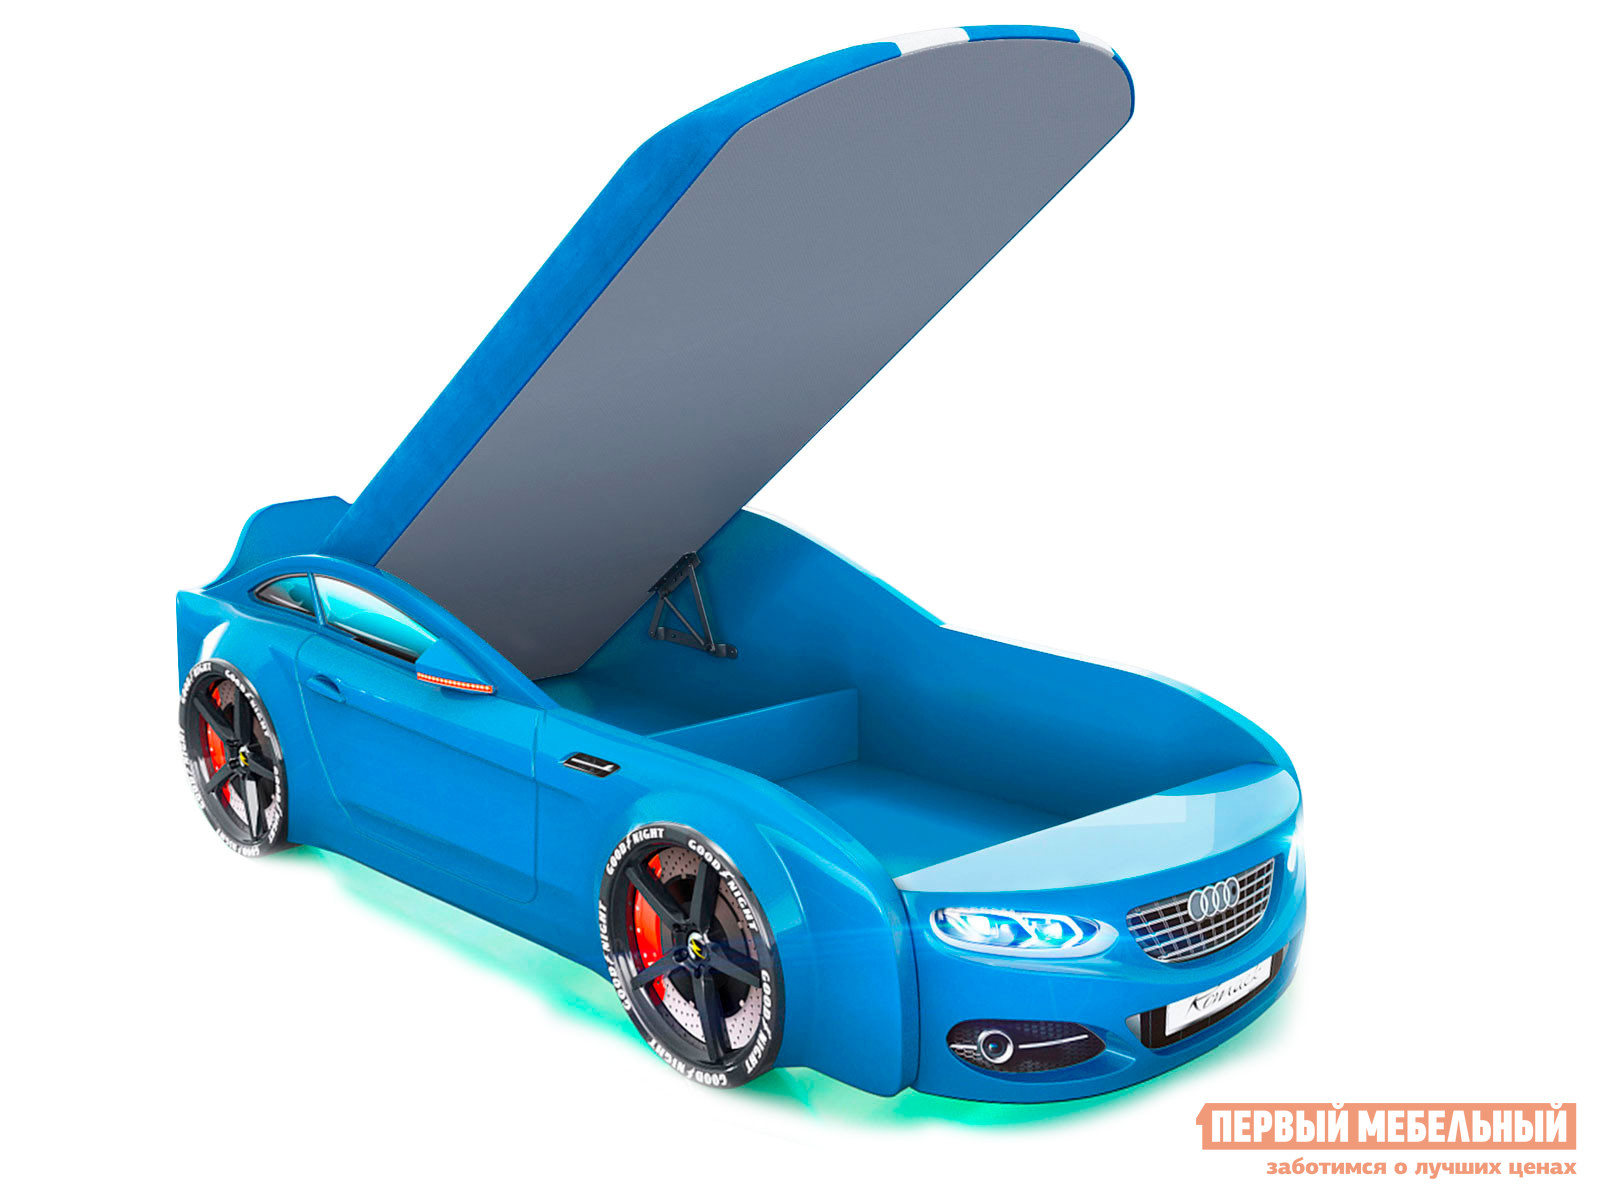 Кровать-машина  Кровать-машина Romack Real-М A7 Голубой, Спортивный, С подъемным механизмом, С подсветкой фар и дна — Кровать-машина Romack Real-М A7 Голубой, Спортивный, С подъемным механизмом, С подсветкой фар и дна